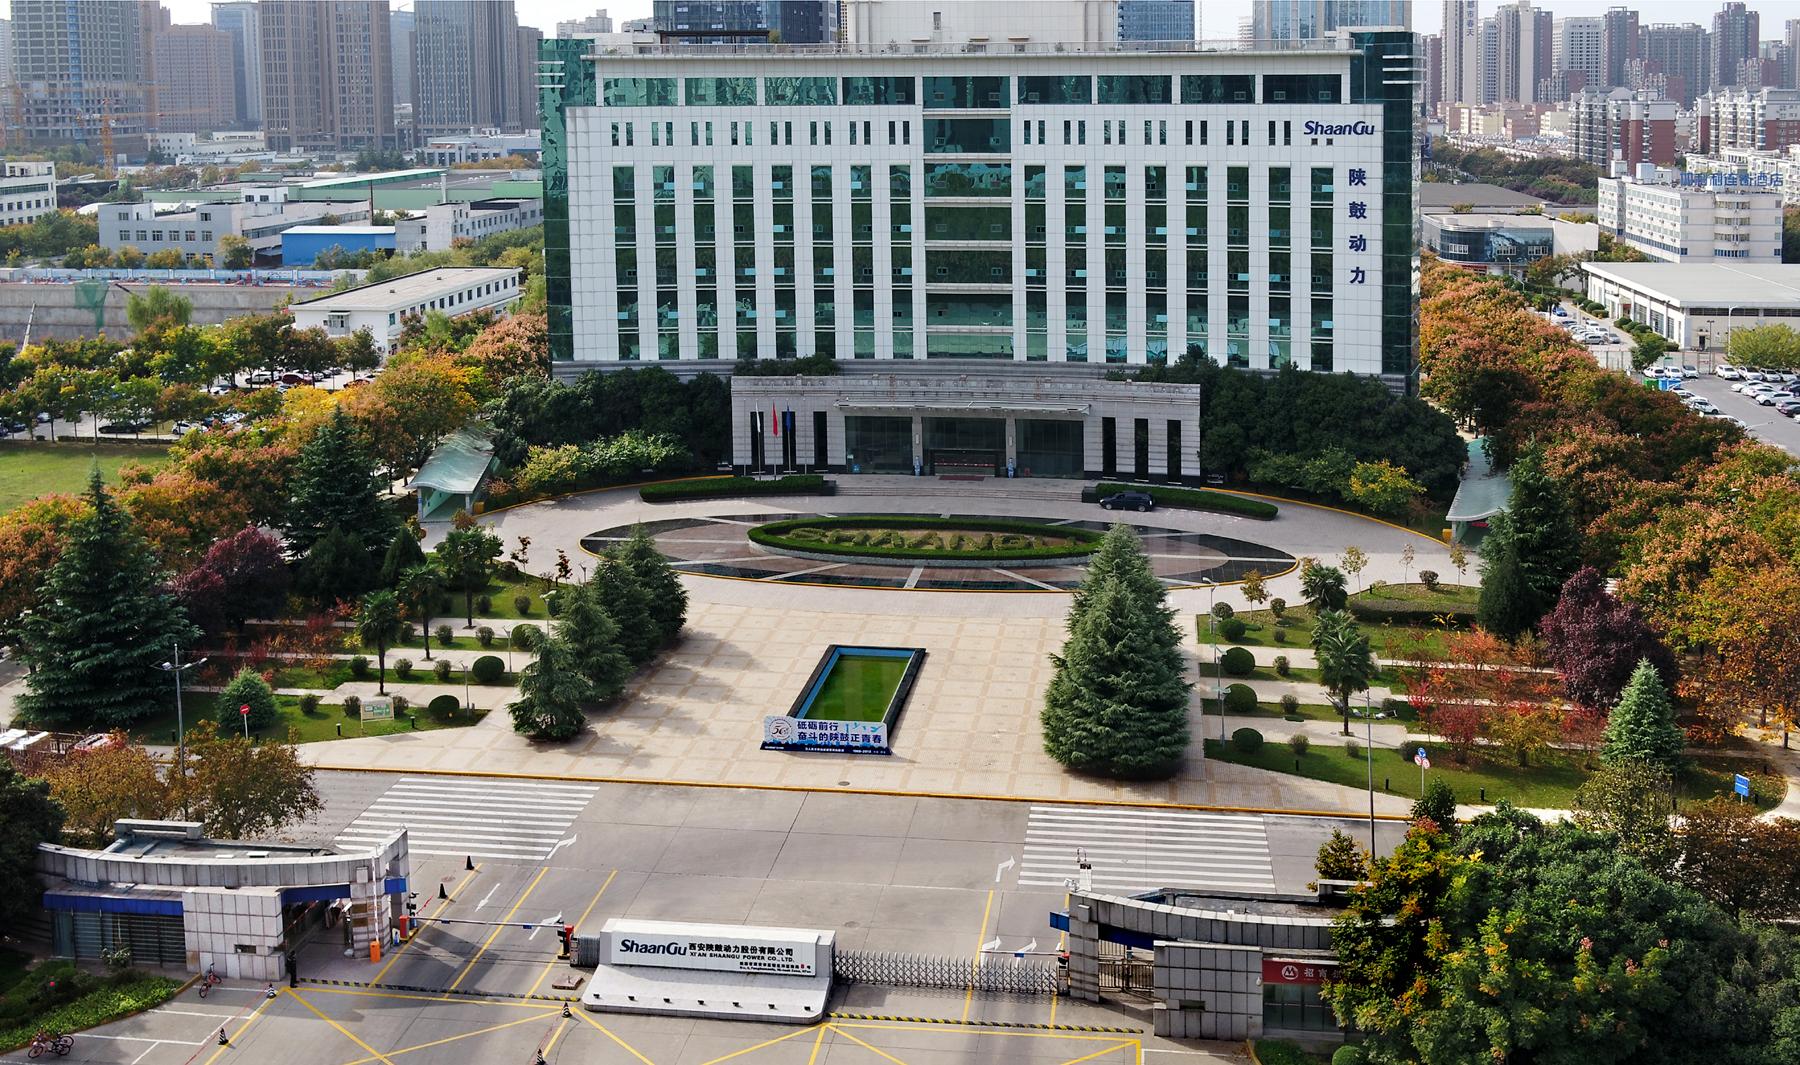 西安高新区陕鼓动力俯视美景...(1)